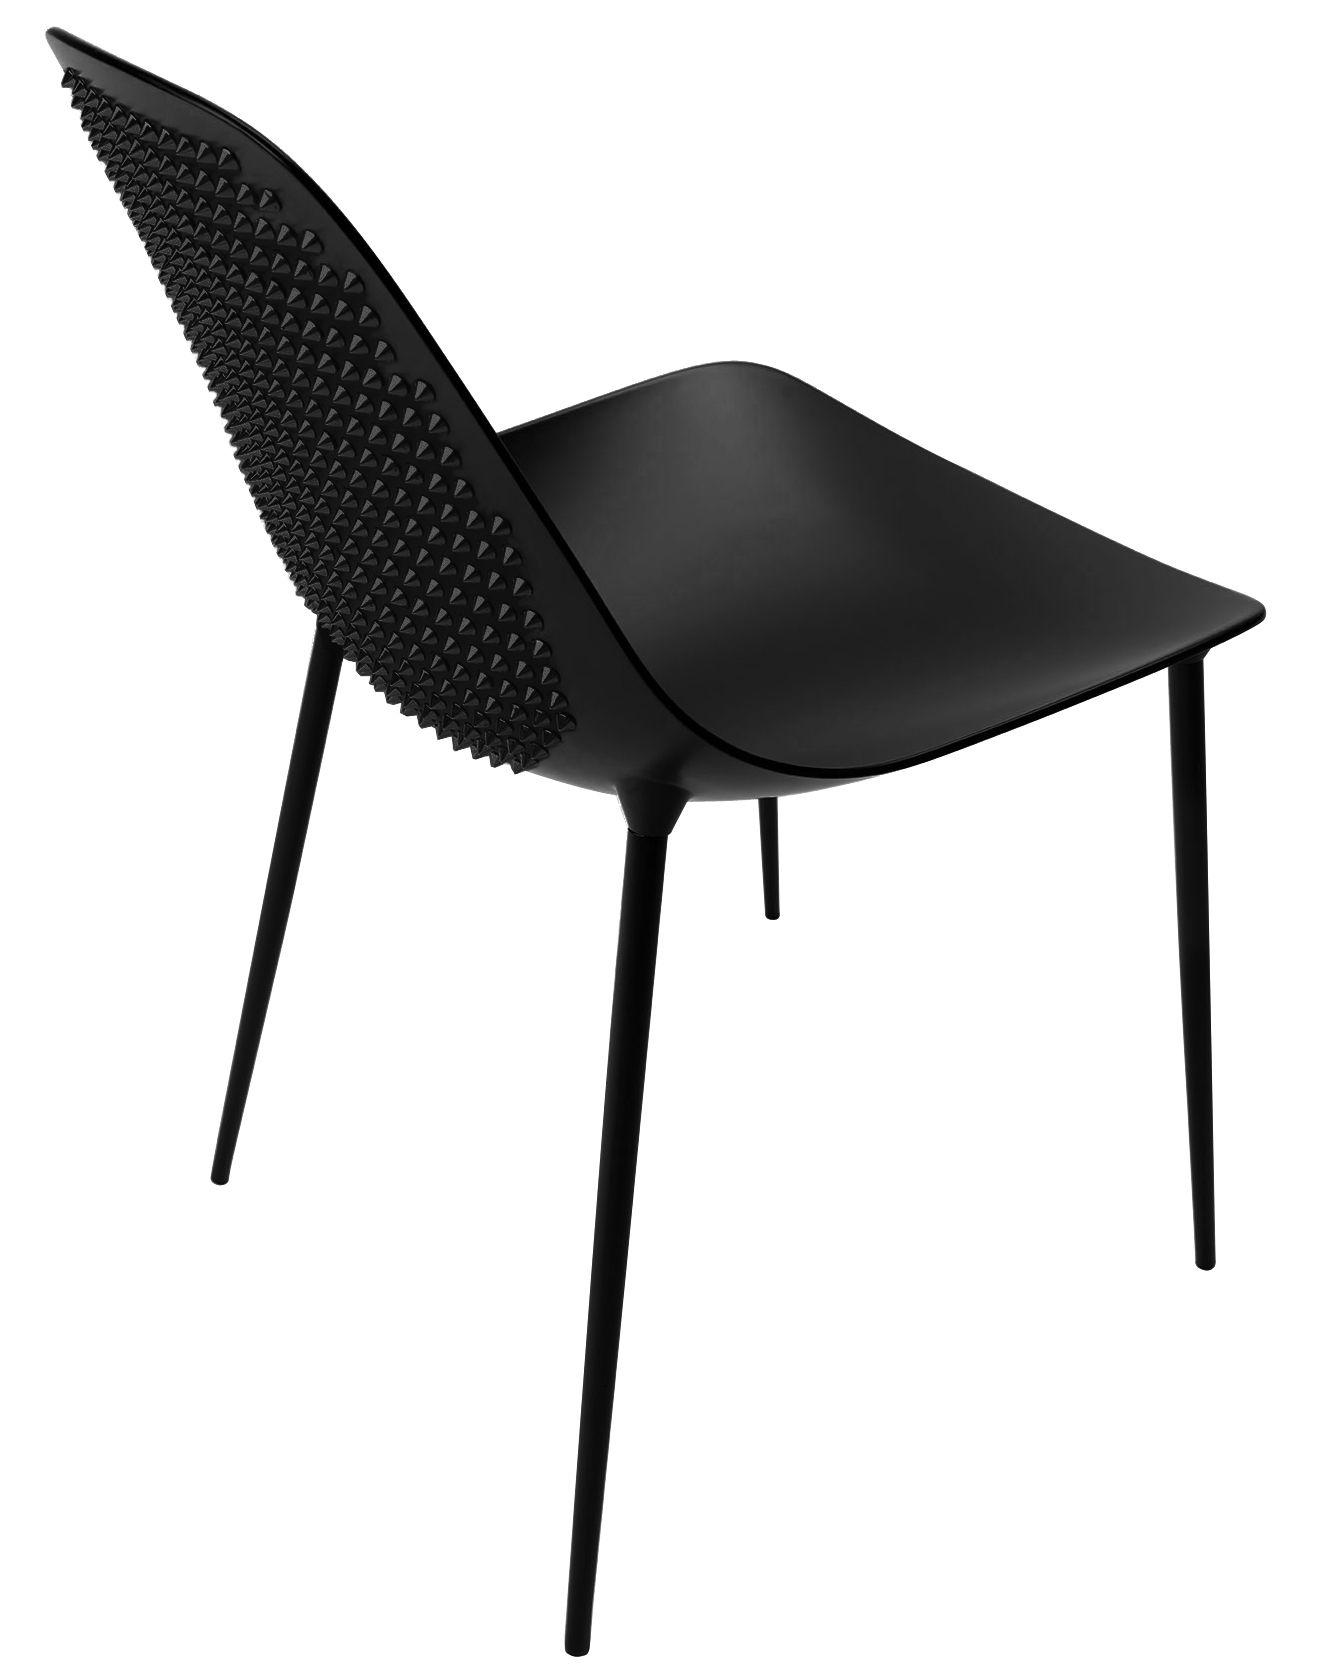 Möbel - Stühle  - Mammamia Punk Stuhl / mit Nieten versehen - Sitzschale & Stuhlbeine Metall - Opinion Ciatti - Schwarz / mit Nieten versehen - Aluminium, Metall